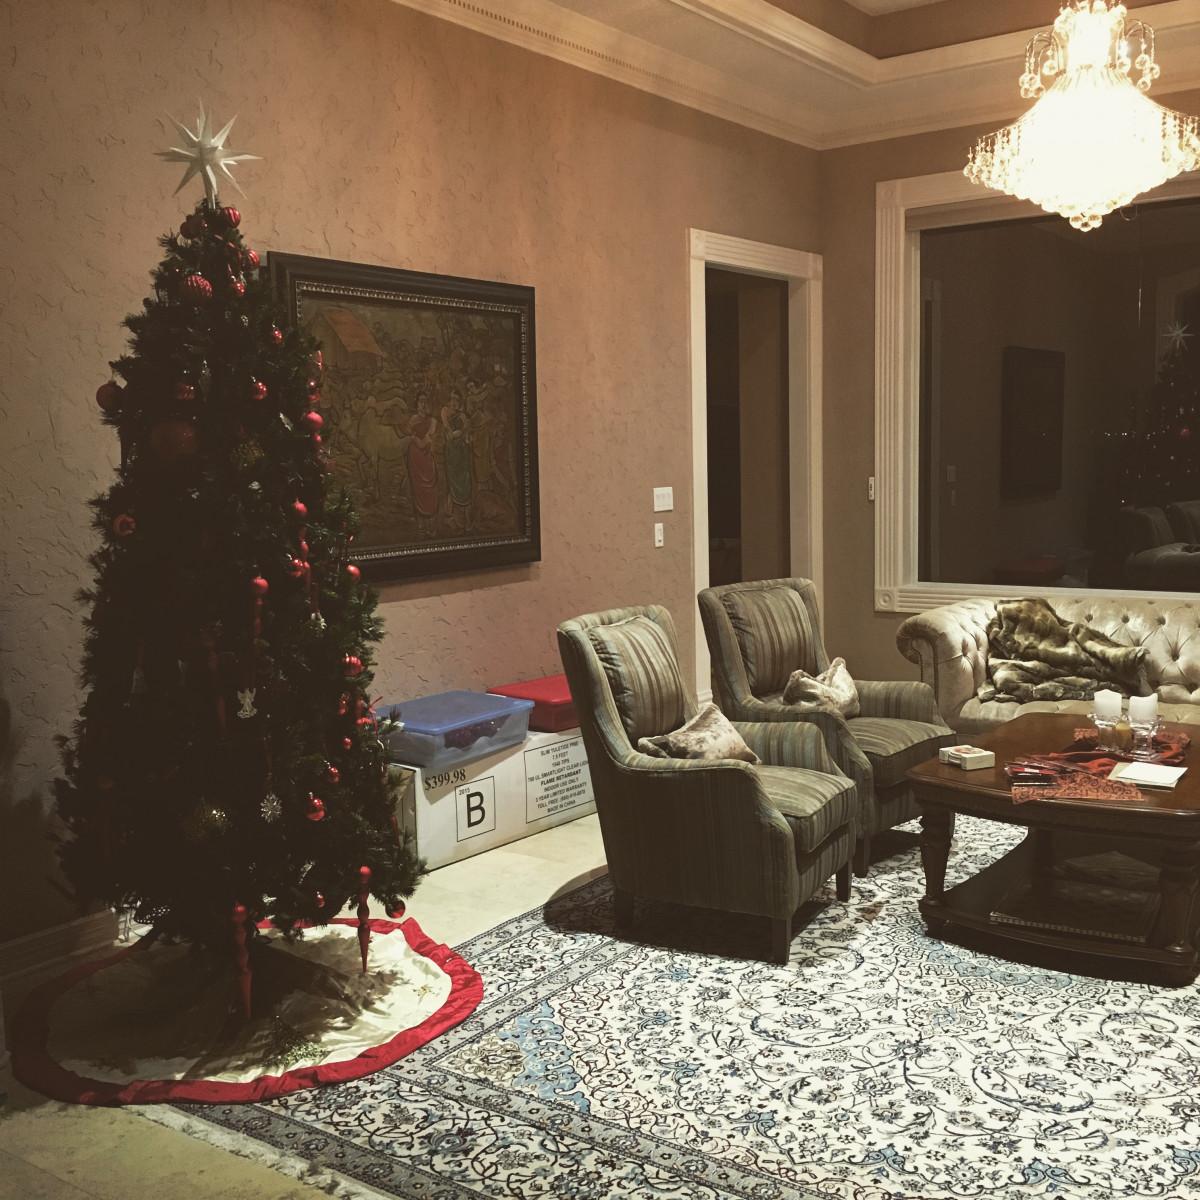 images gratuites maison sol salon chambre arbre de no l design d 39 int rieur d coration de. Black Bedroom Furniture Sets. Home Design Ideas